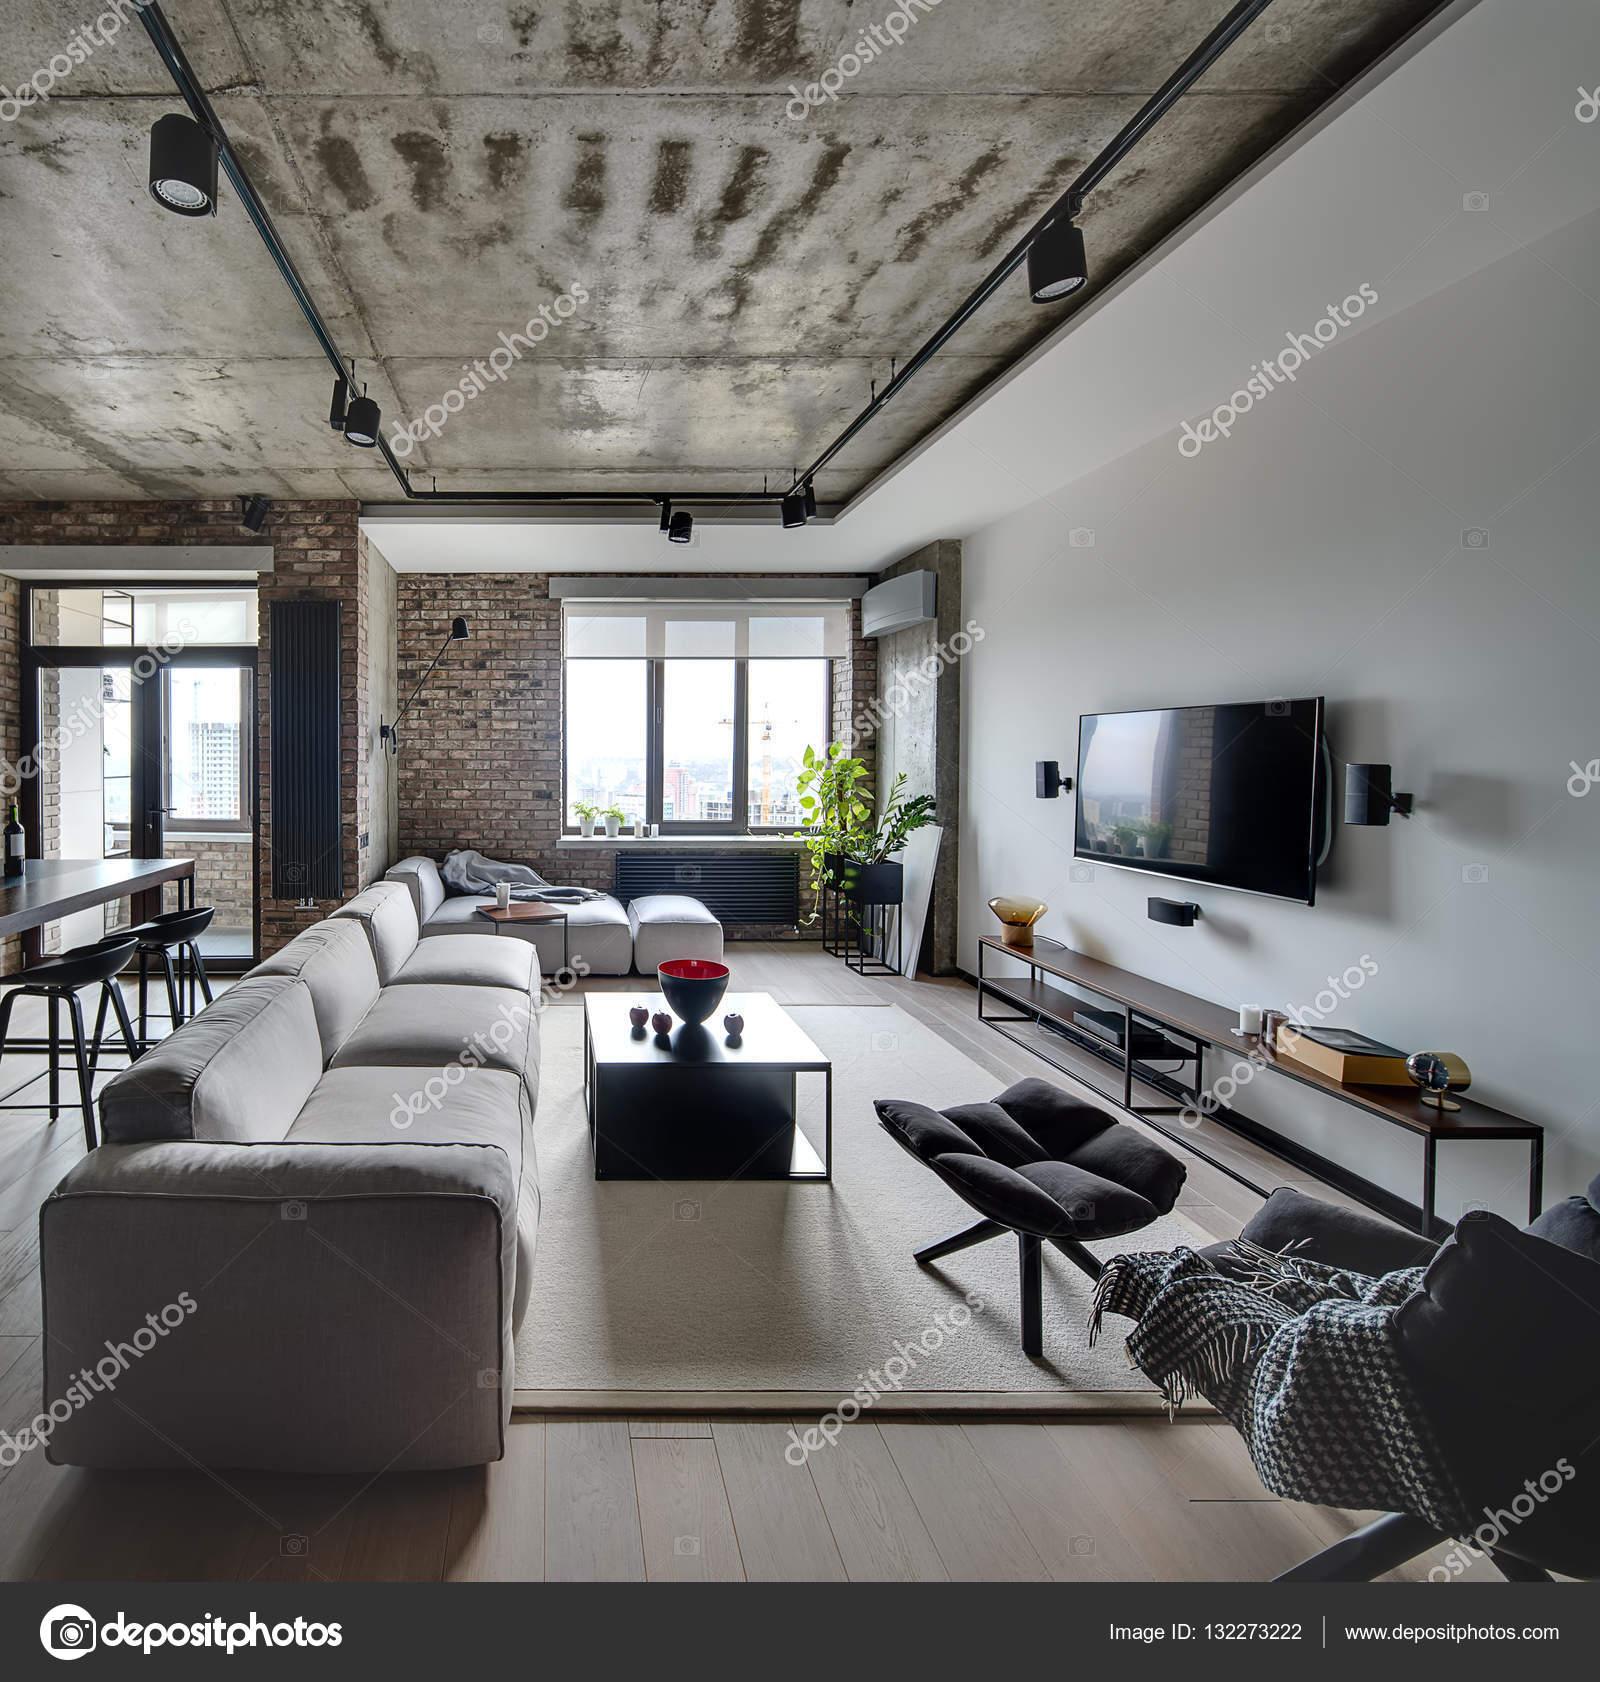 Wn trze w stylu loft zdj cie stockowe bezikus 132273222 for W loft